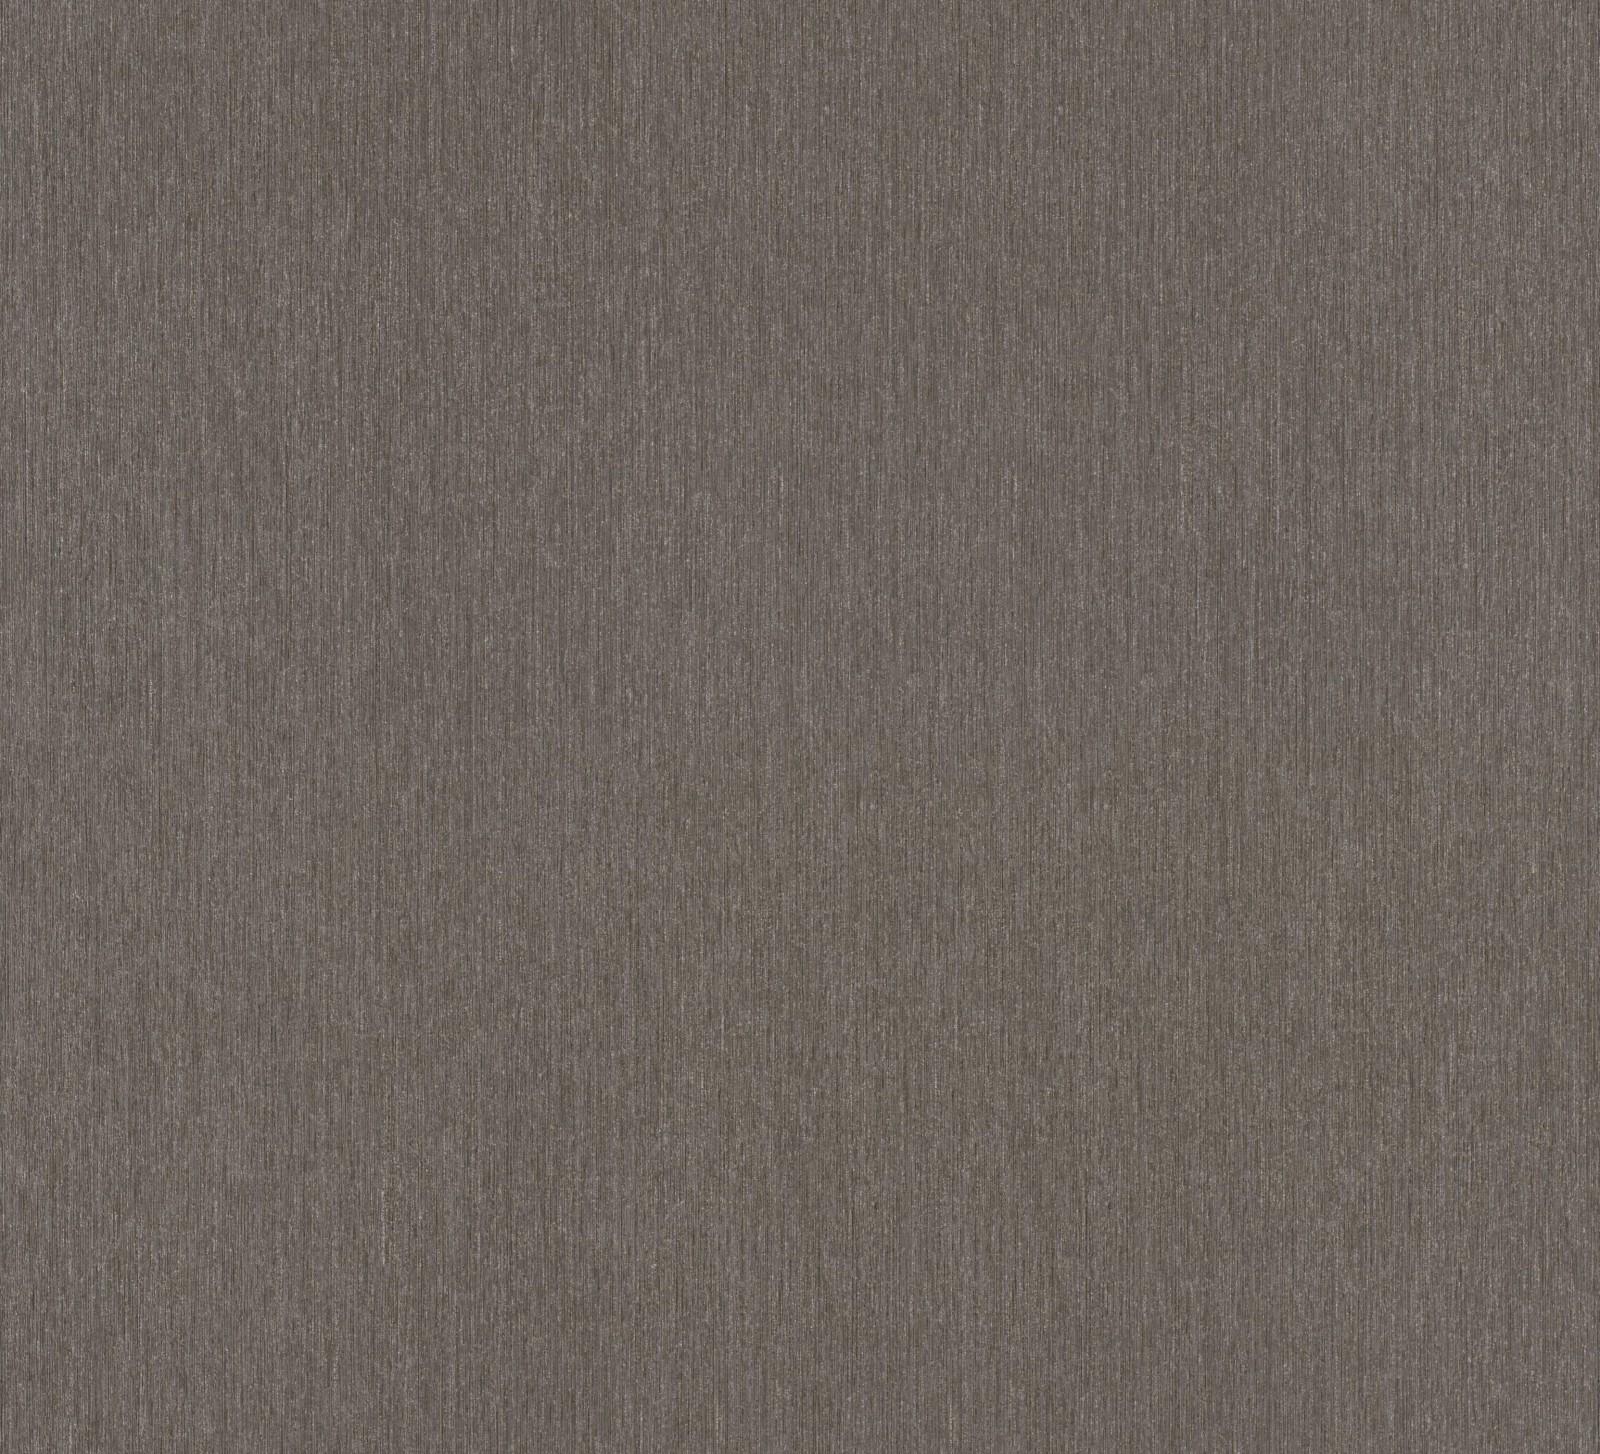 tapete colani evolution marburg uni silber 56350. Black Bedroom Furniture Sets. Home Design Ideas